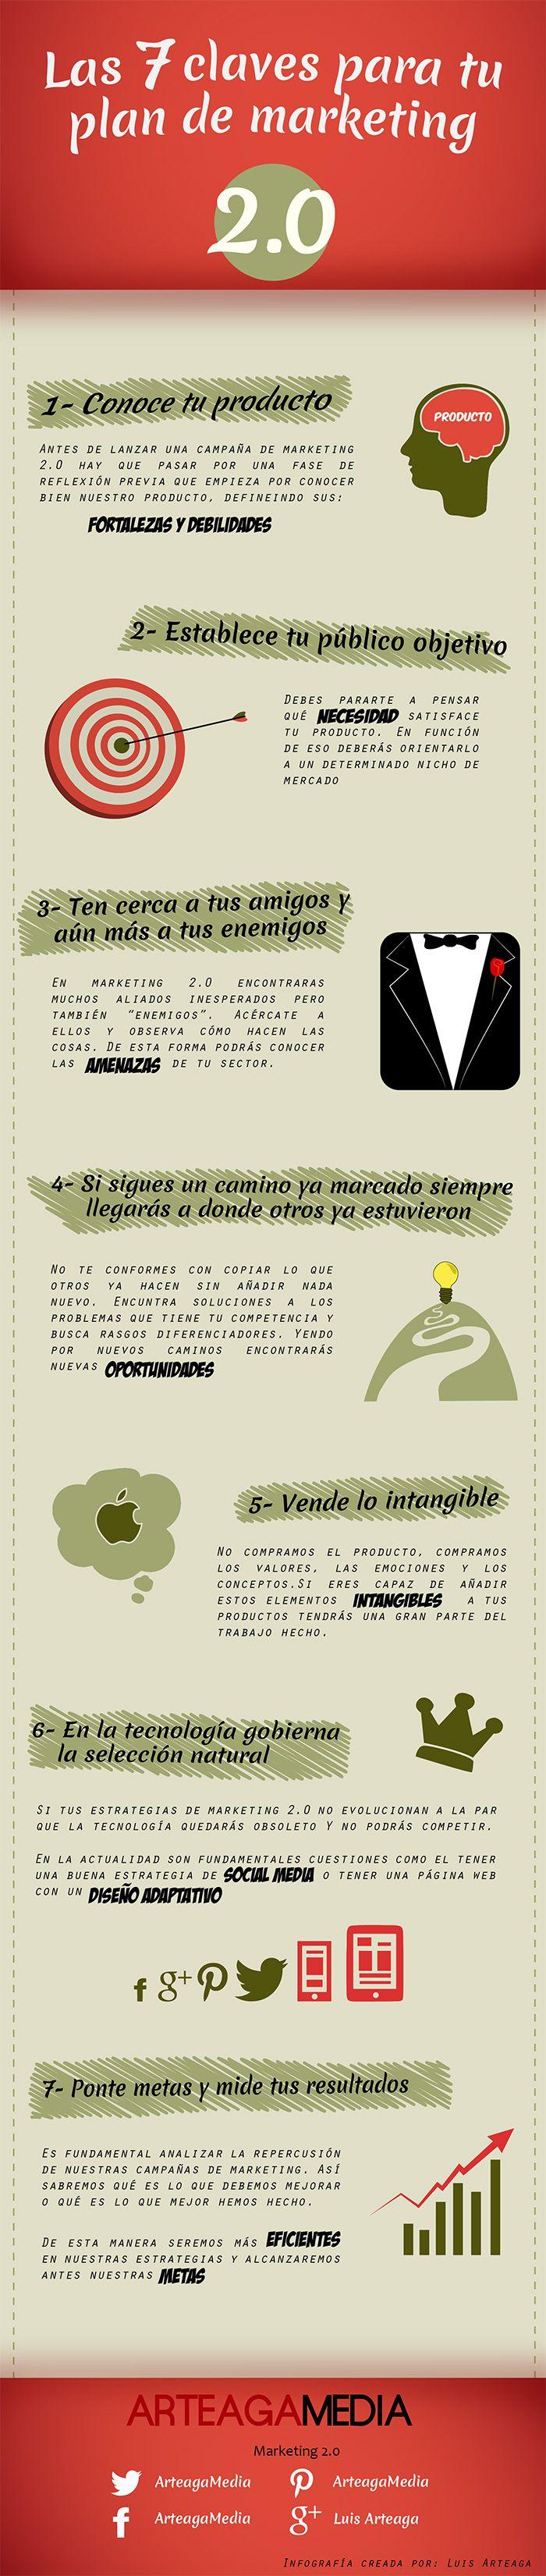 Las 7 claves para tu plan de marketing 2.0 #infografia #marketing #infographic